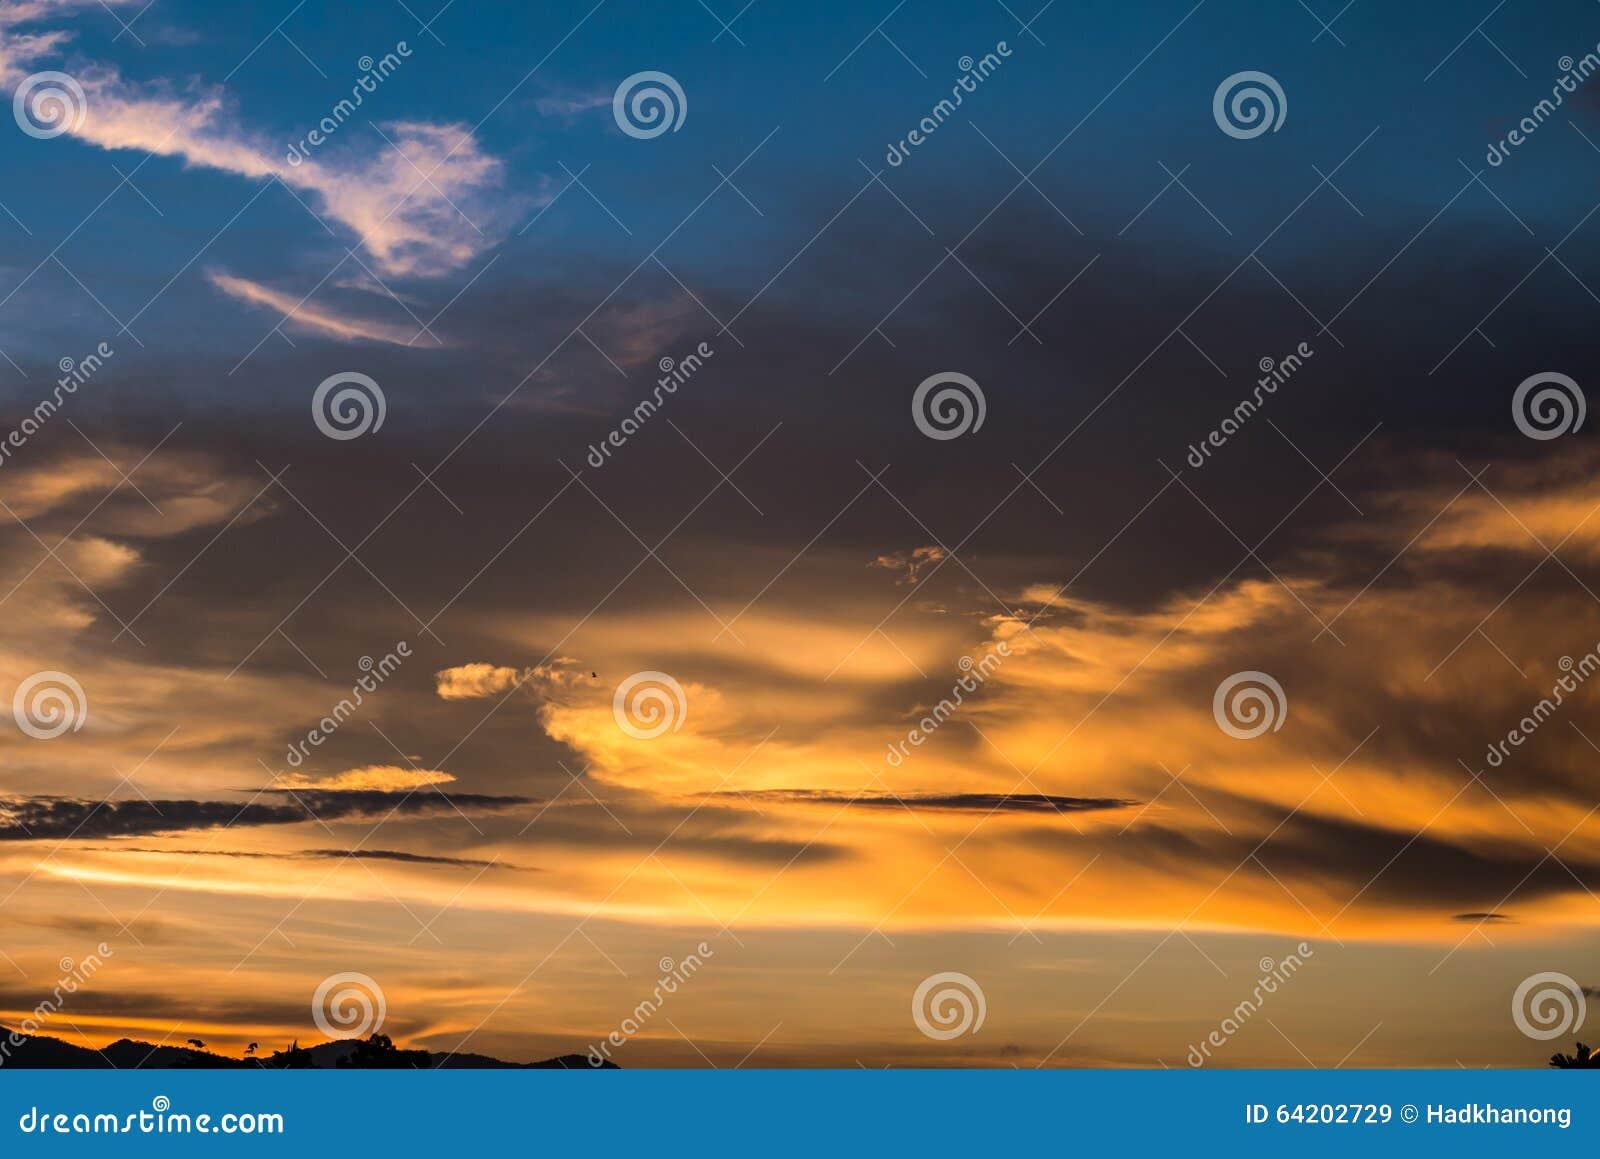 Cielo crepuscular antes de la puesta del sol